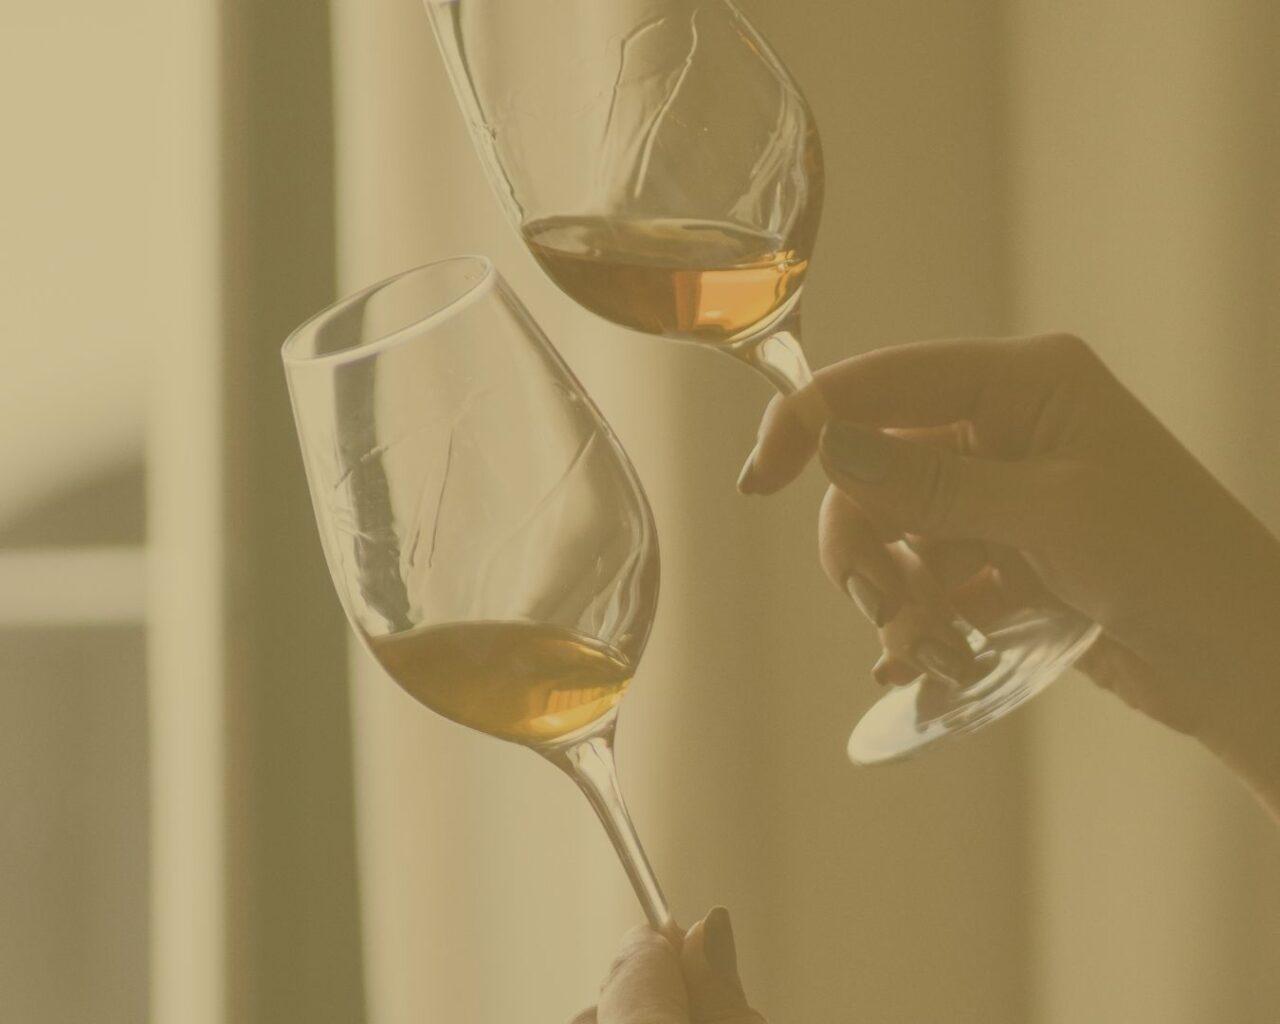 La evolución del vino